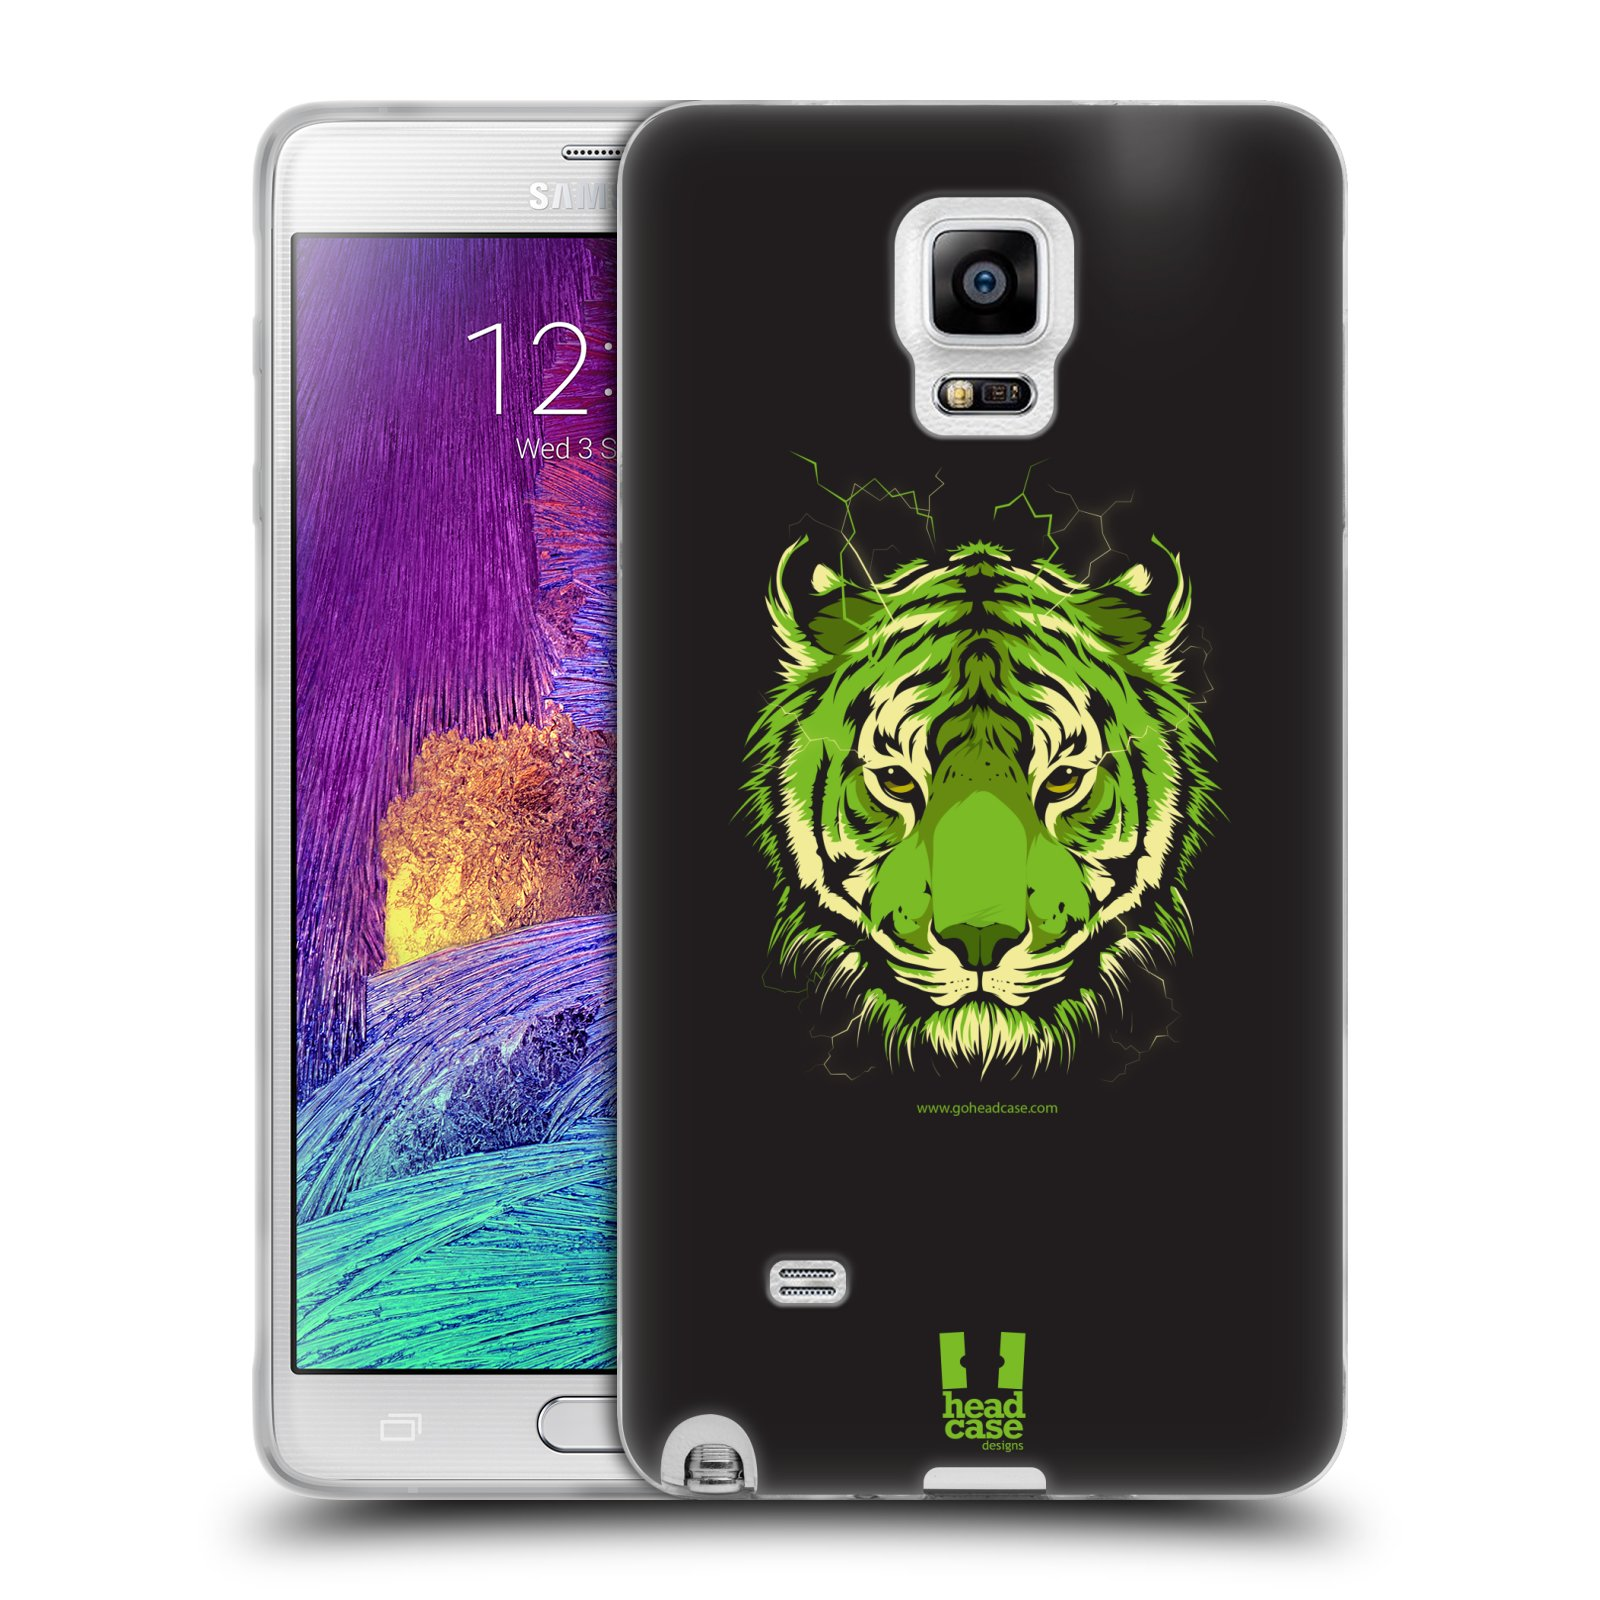 Silikonové pouzdro na mobil Samsung Galaxy Note 4 HEAD CASE BENGÁLSKÝ TYGR (Silikonový kryt či obal na mobilní telefon Samsung Galaxy Note 4 SM-N910F)